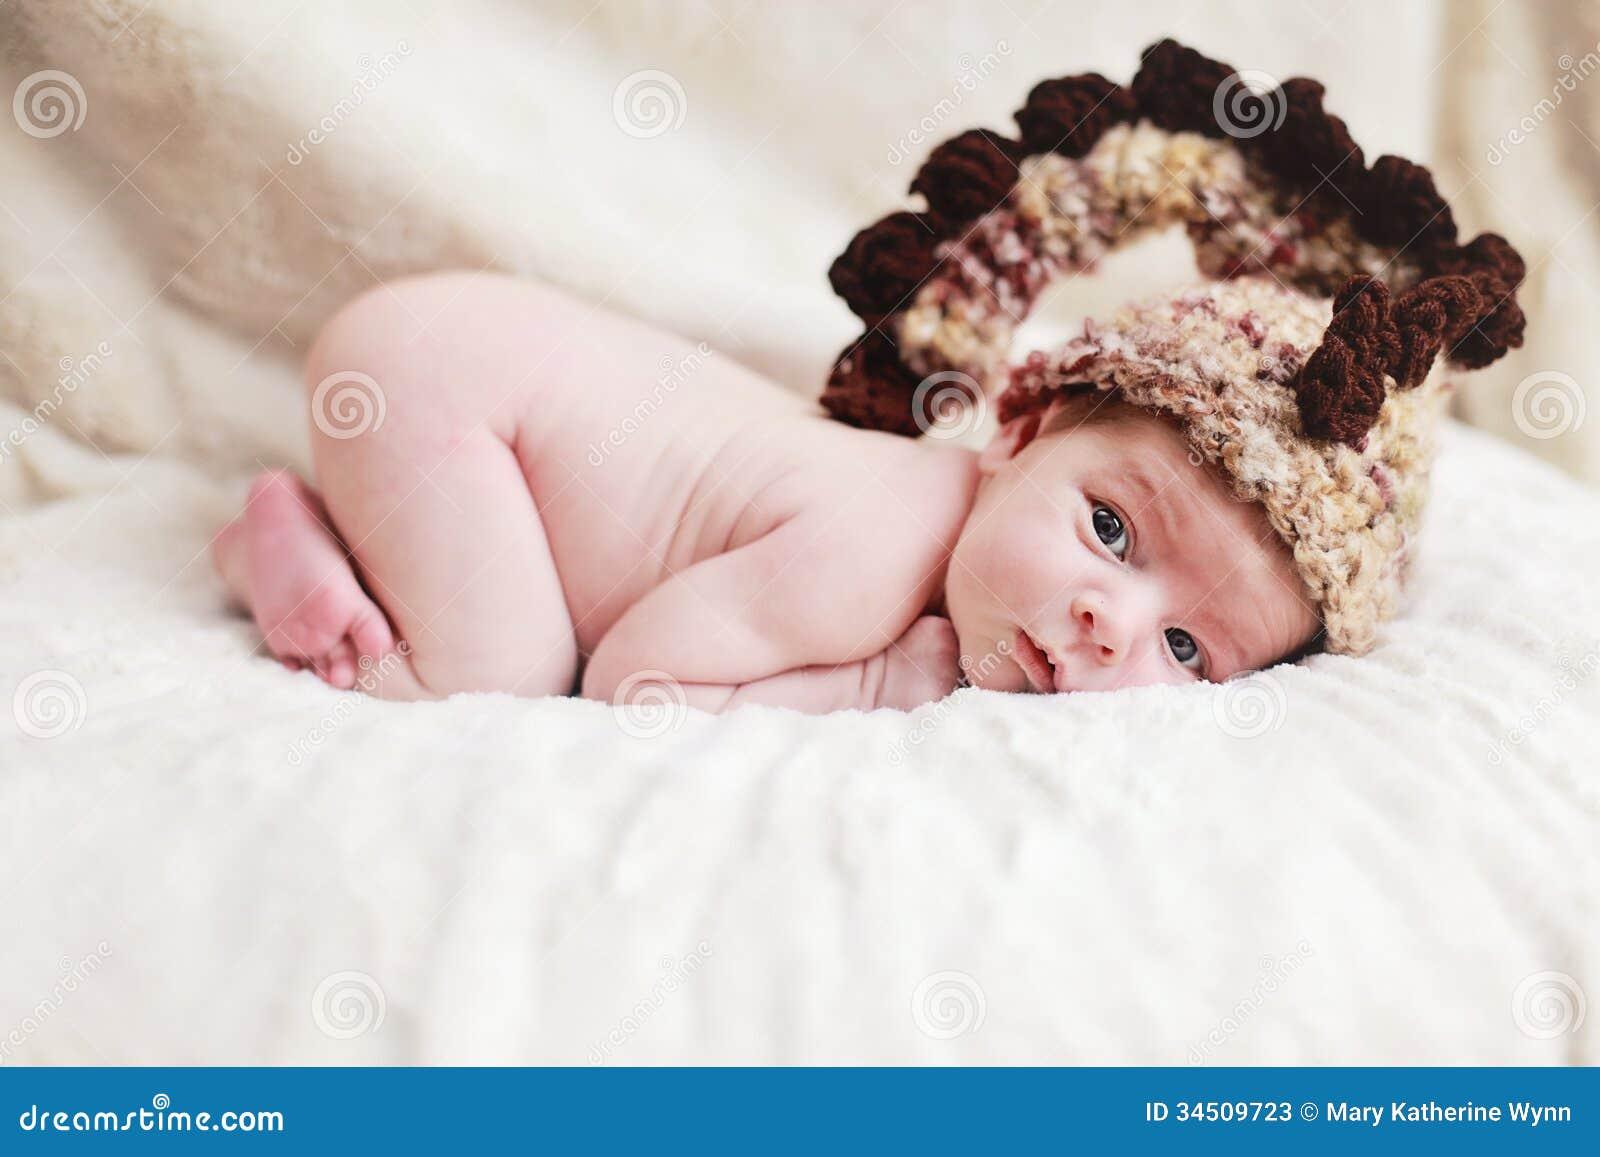 Newborn baby with hat